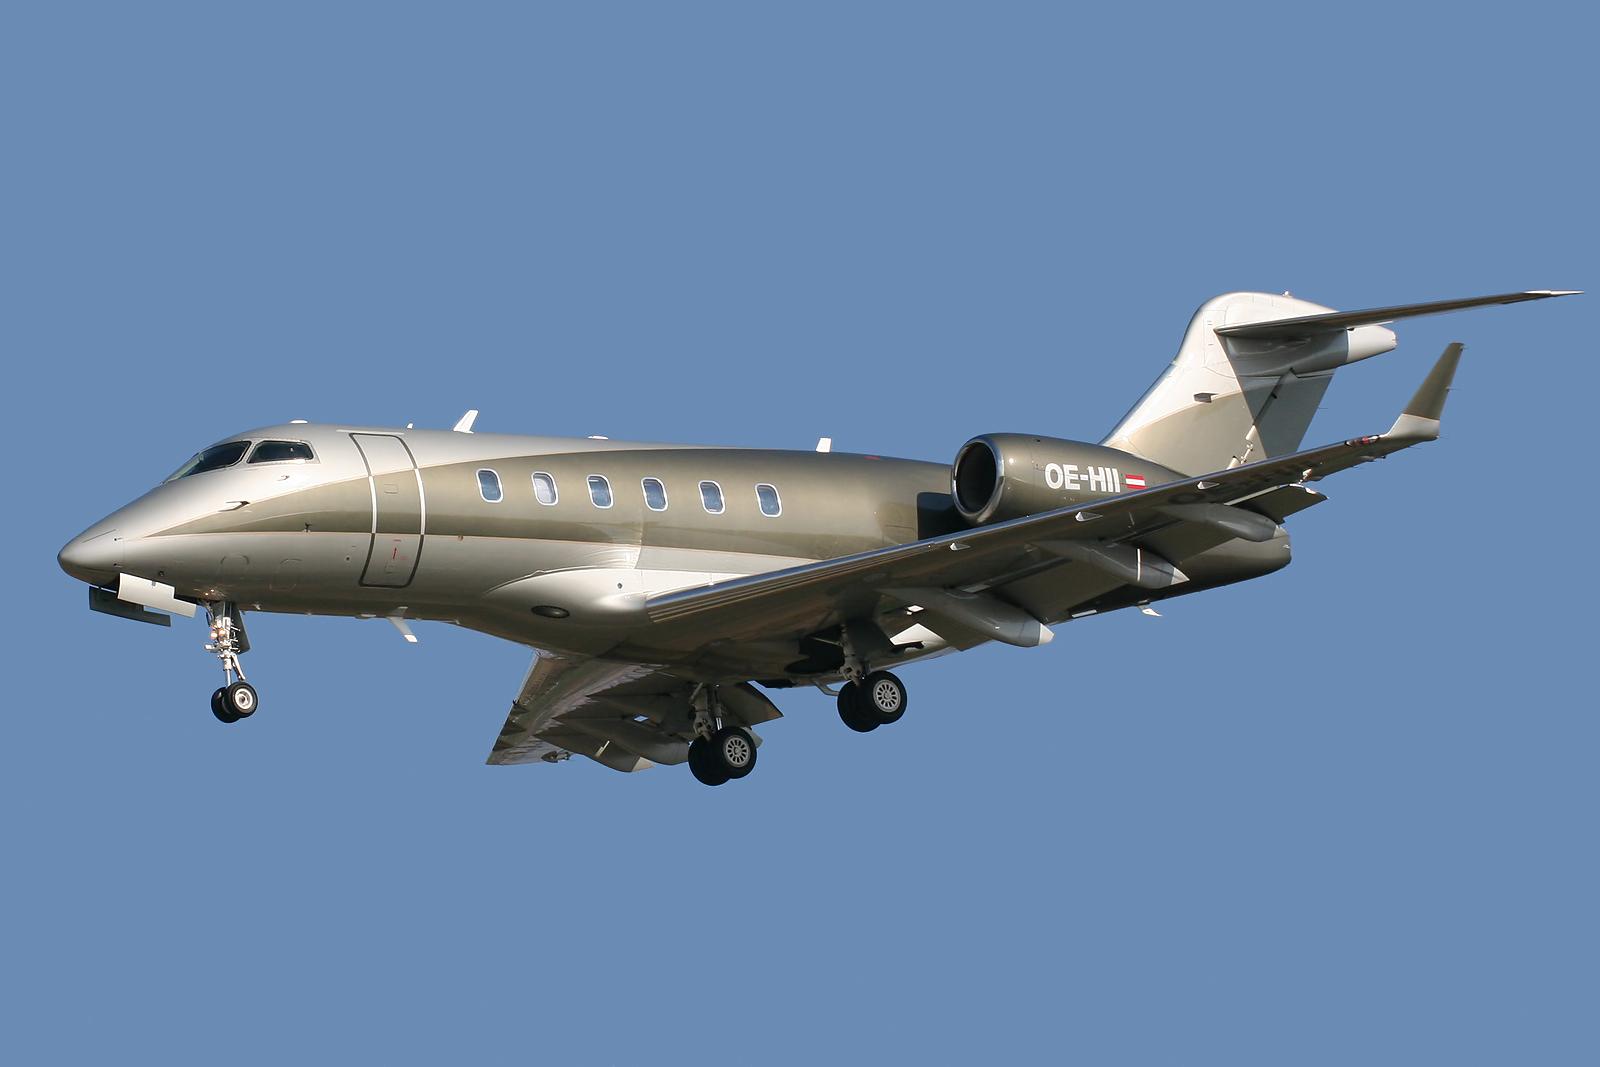 Новый самолёт «Челленджер 300» в небе